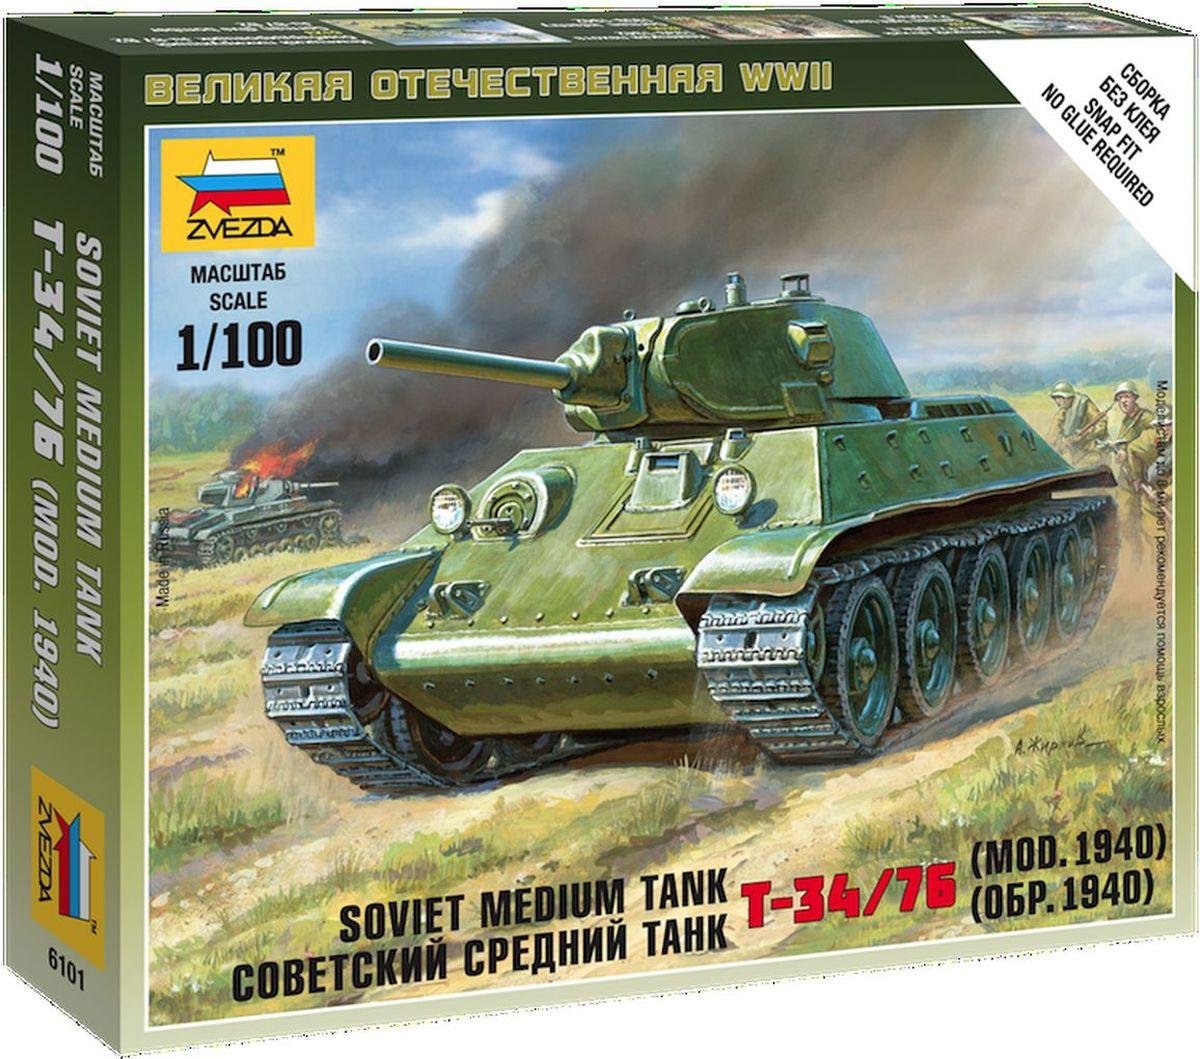 Звезда Сборная модель Средний танк Т-34/76 образца 1940 г6101Легендарный советский танк, лучший танк Великой Отечественной войны. Танк-солдат, прошедший войну от Москвы до Берлина, это он брал города, это он мелькает во всех кинохрониках, это он наводил ужас на врага став самым массовым танком войны, это он брал Берлин, это он стоит на многочисленных памятниках. Советский танк Т-34 был создан на Харьковском тракторном заводе конструктором Михаилом Ильичём Кошкиным в 1940 году. Всего было выпущено 87.040 машин всех модификаций. Танк, который Гудериан летом 1941 года назвал типичным показателем русского варварства, уже осенью 1941 стал главным требованием постановки на конвейер Германии всё тем же Гудерианом. Отличные боевые качества, относительная лёгкость в управлении, простота в изготовлении, отличная проходимость, дизельный двигатель и 76мм пушка делали Т-34 в начале войны сильнейшим на поле боя. Т-34 участвовали во всех советских операциях от начала до конца войны. Использование танка в Art of Tactic: ...